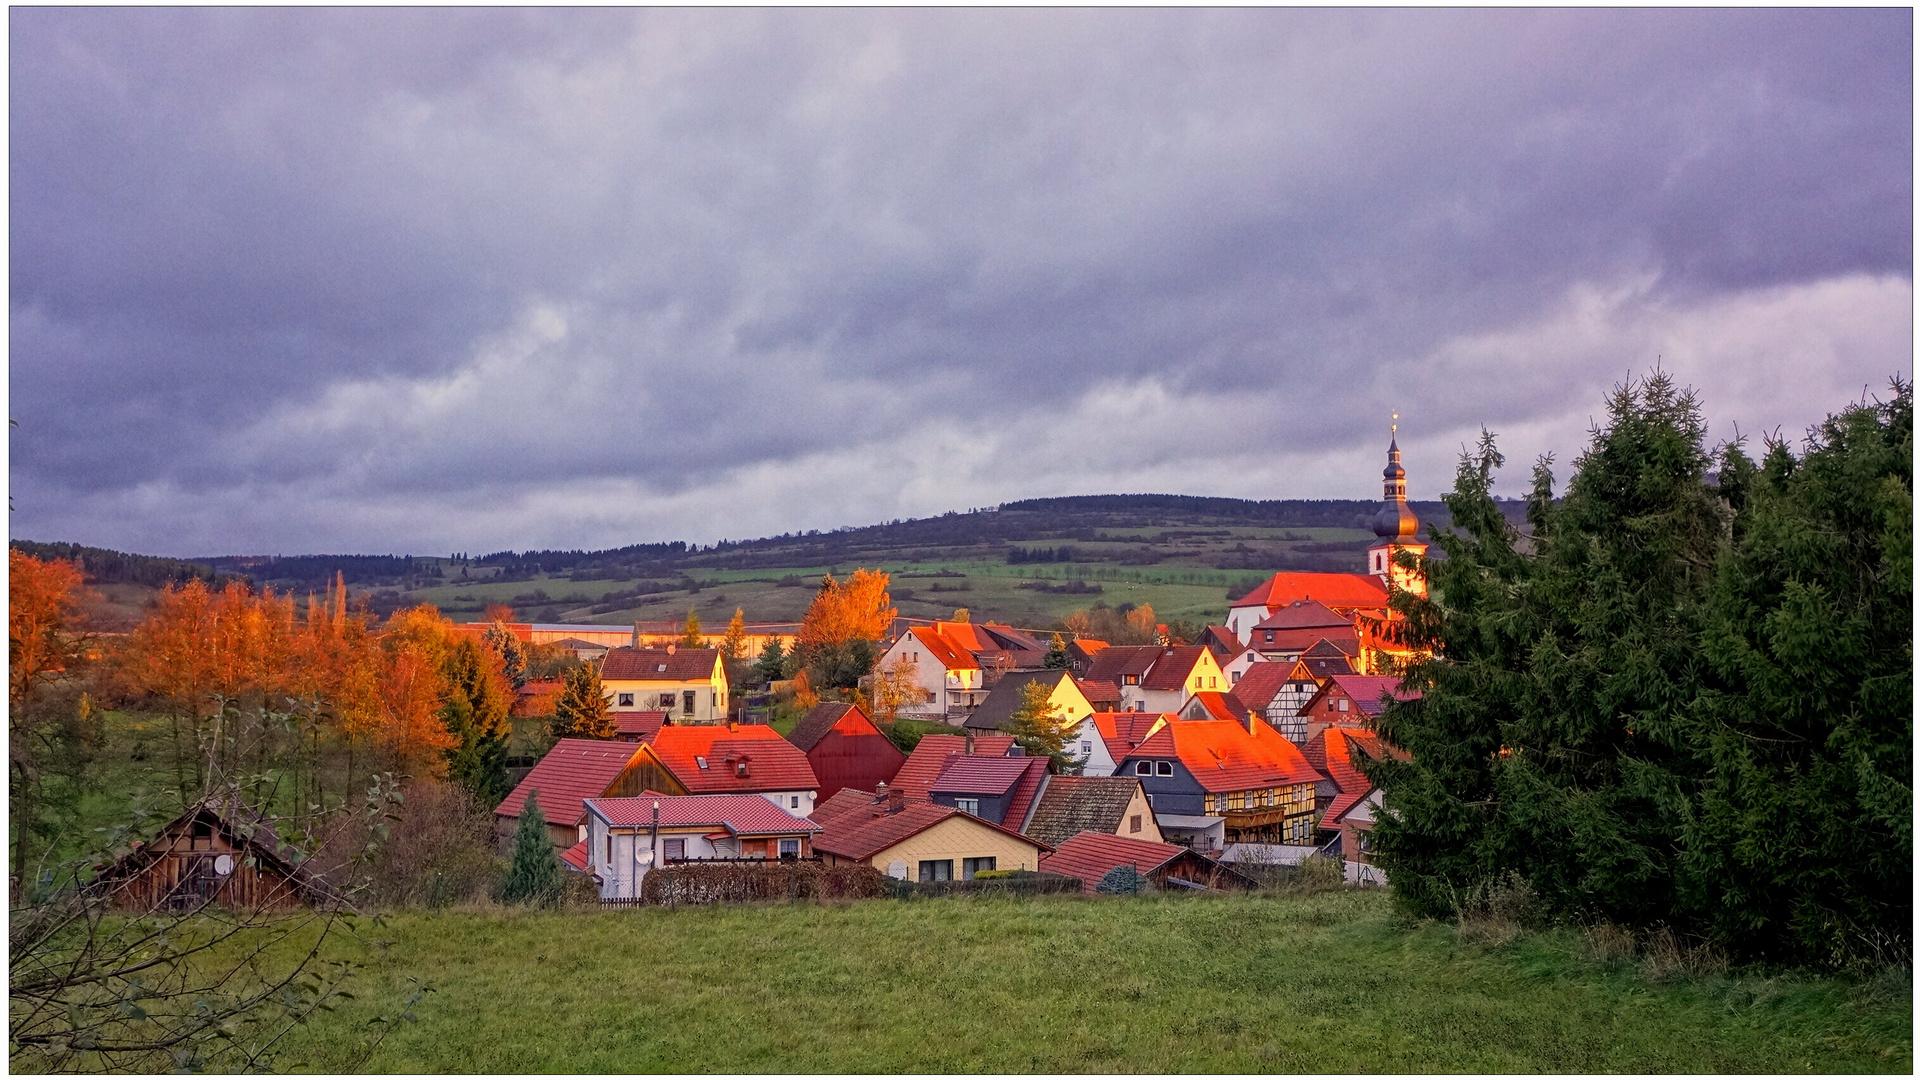 mein Dorf in der Morgensonne (mi pueblo en el sol matinal)